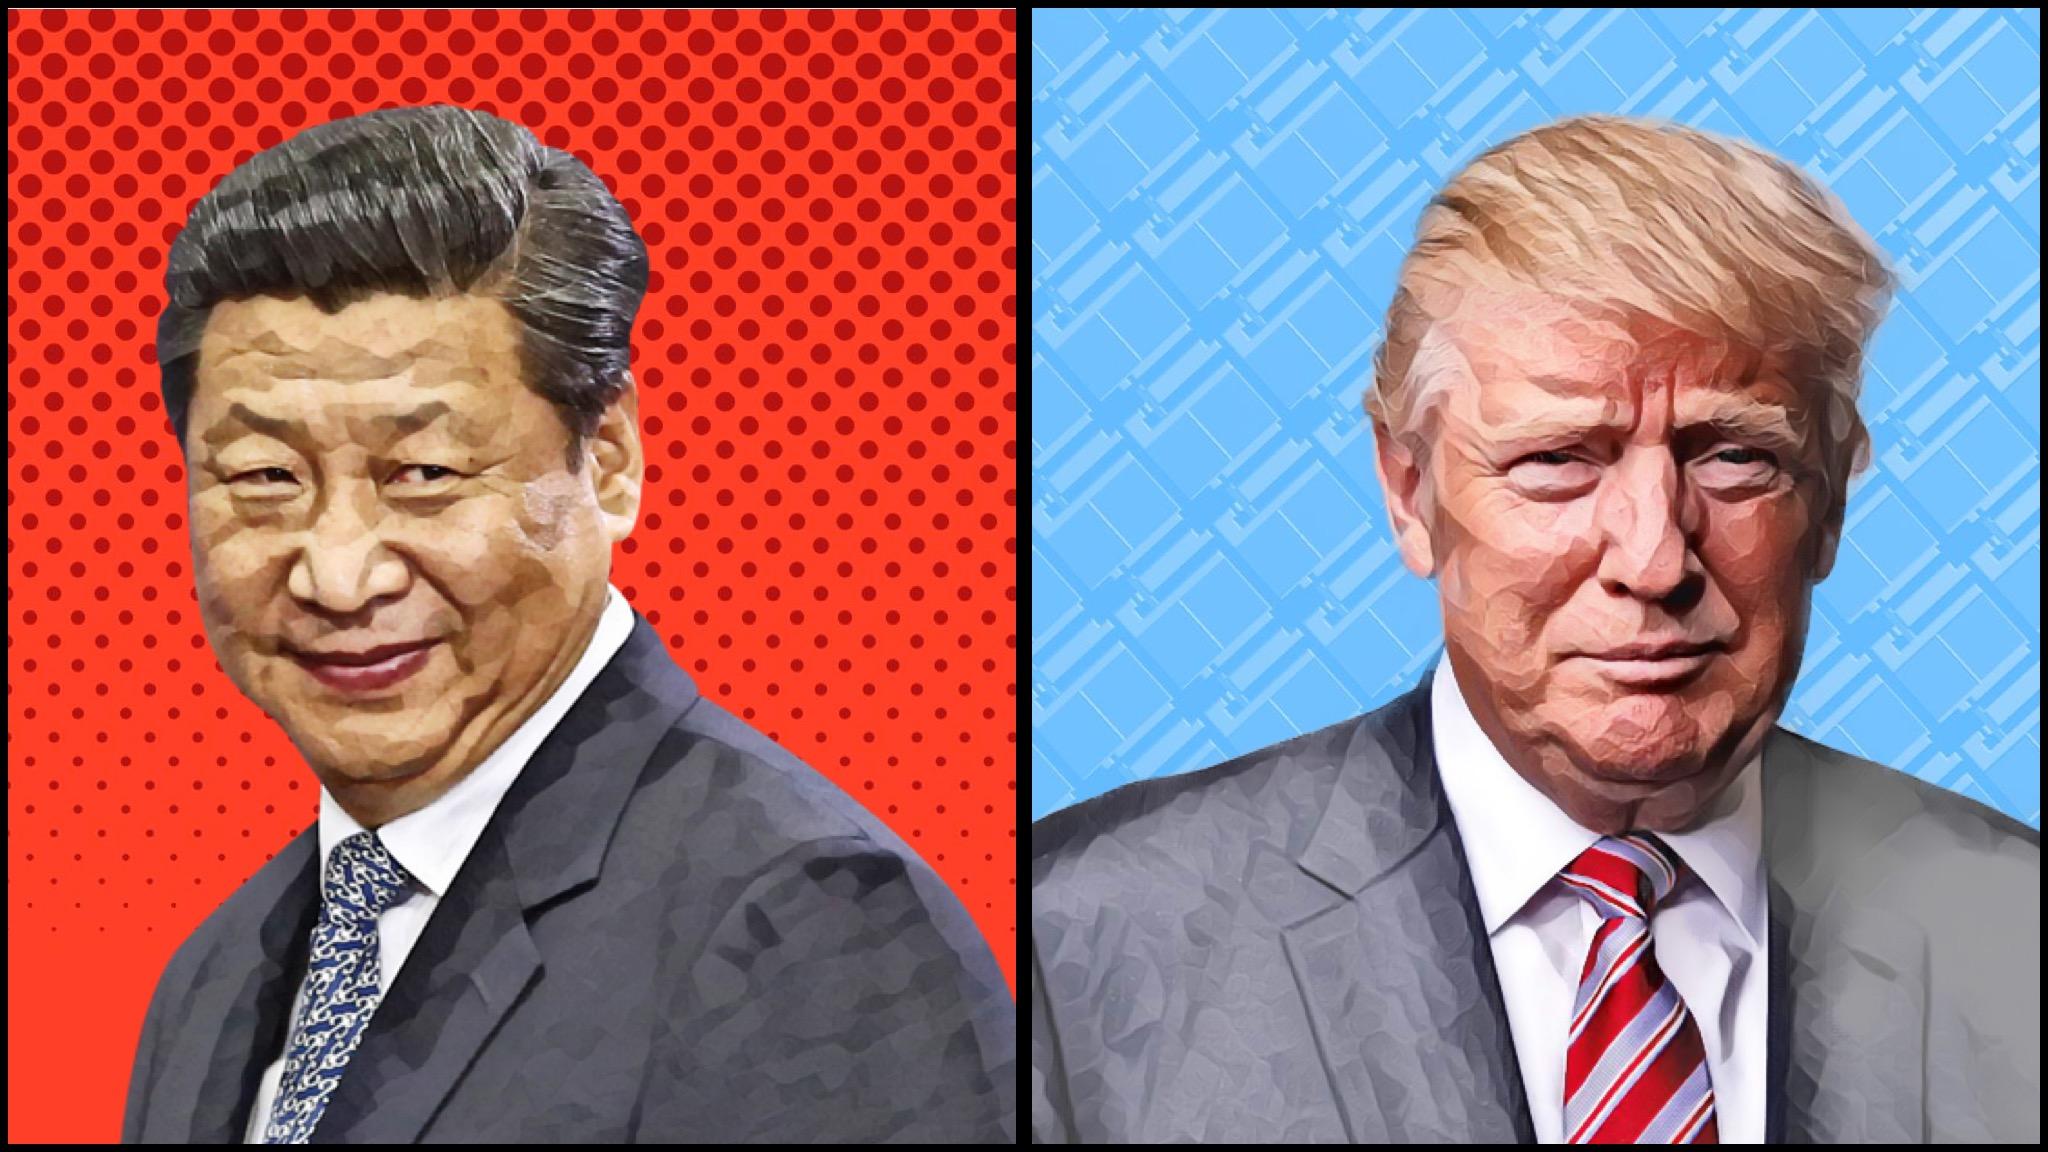 特朗普说中国政府口口声声说反对北朝鲜核试、发射导弹,但只说而没有行动。终于中国商务部正式宣布,即日起禁止进口北朝鲜的铝、铁、煤及水产